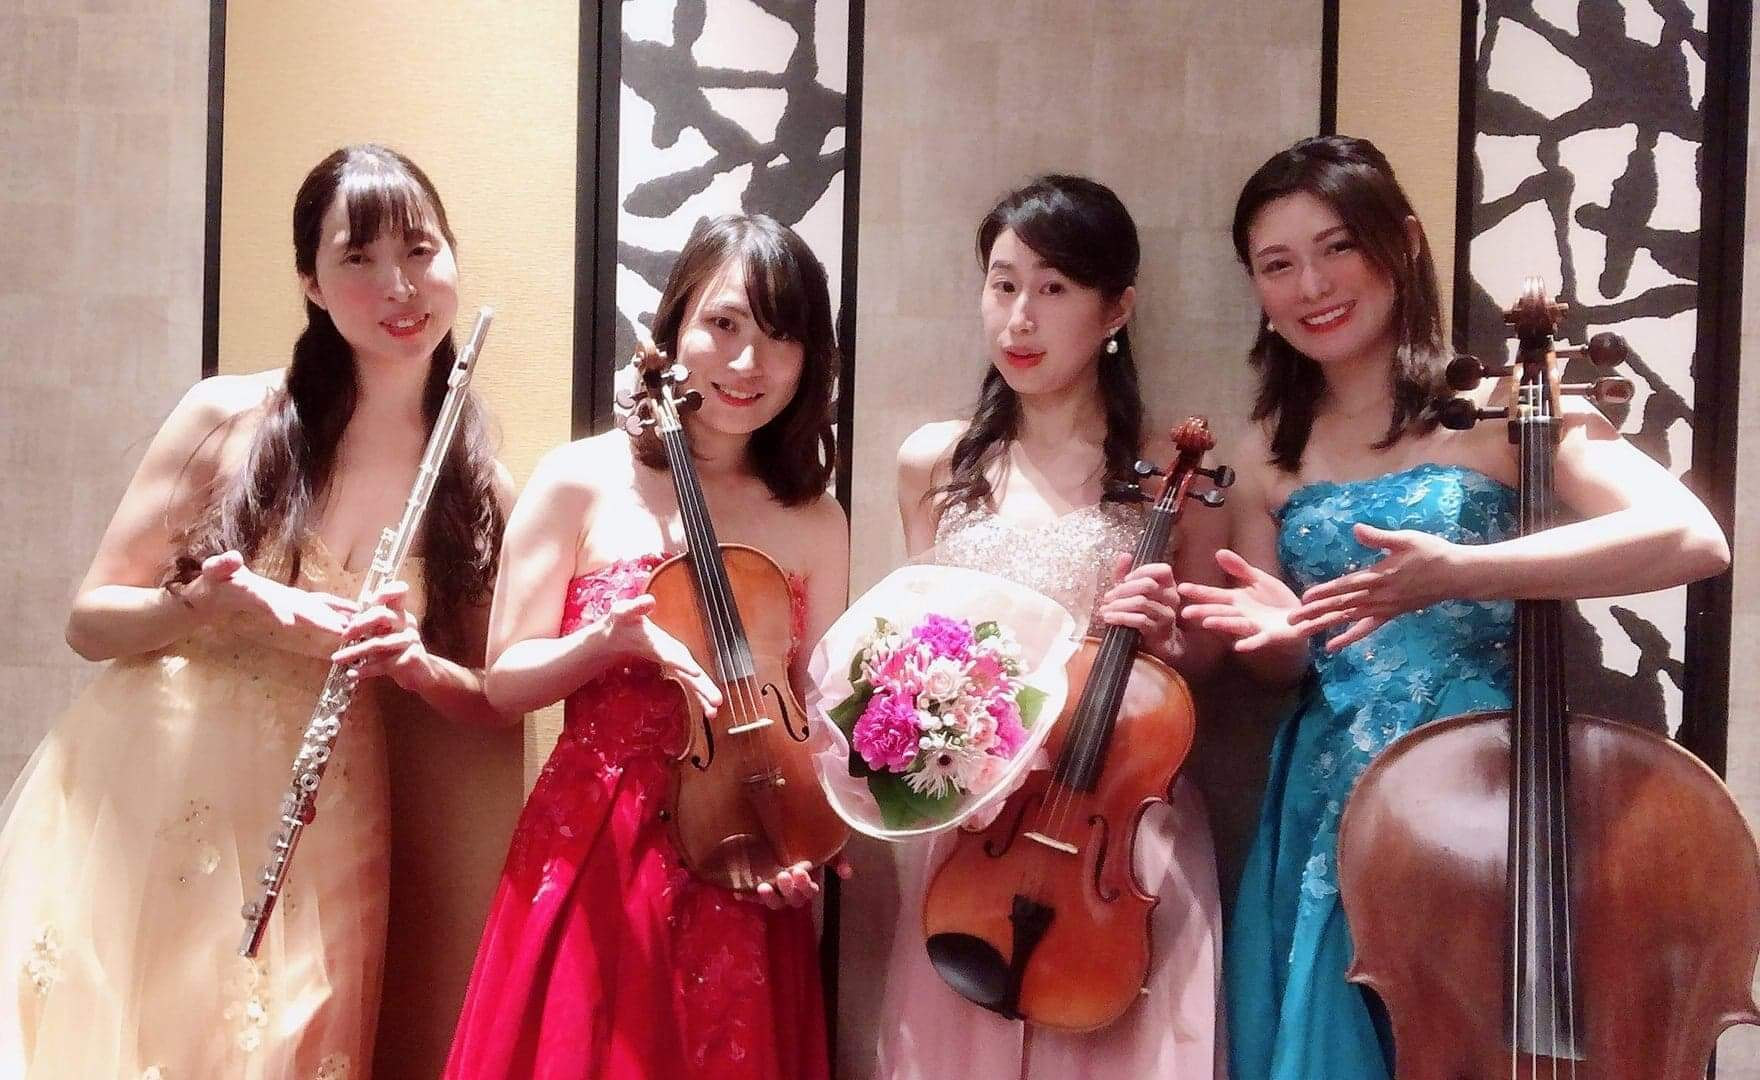 四人の演奏家が楽器を持っている